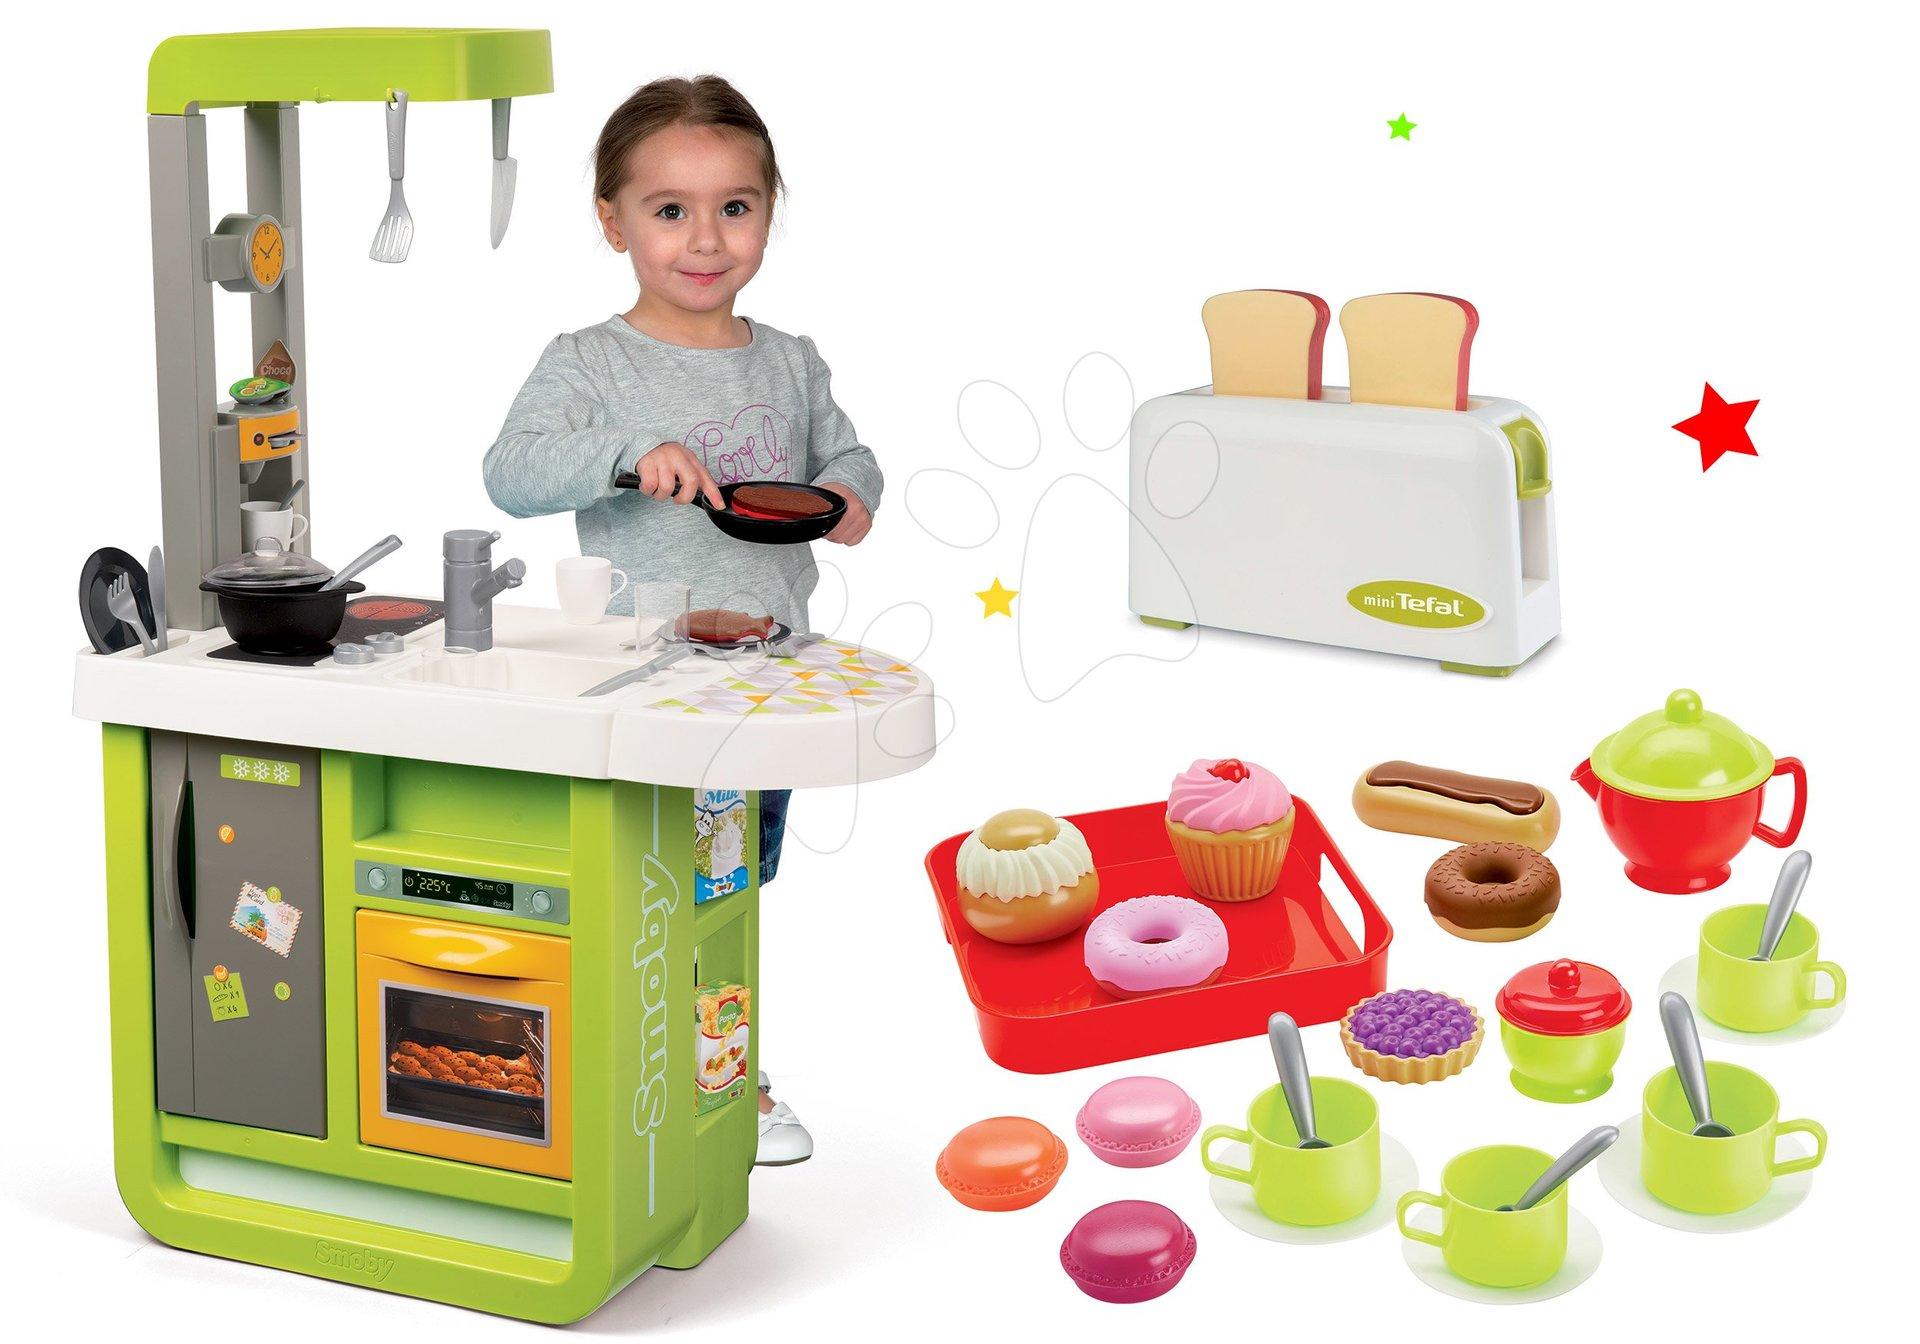 Kuchynky pre deti sety - Set kuchynka Cherry Kitchen Smoby so zvukmi a kávovarom, hriankovačom a čajovou súpravou